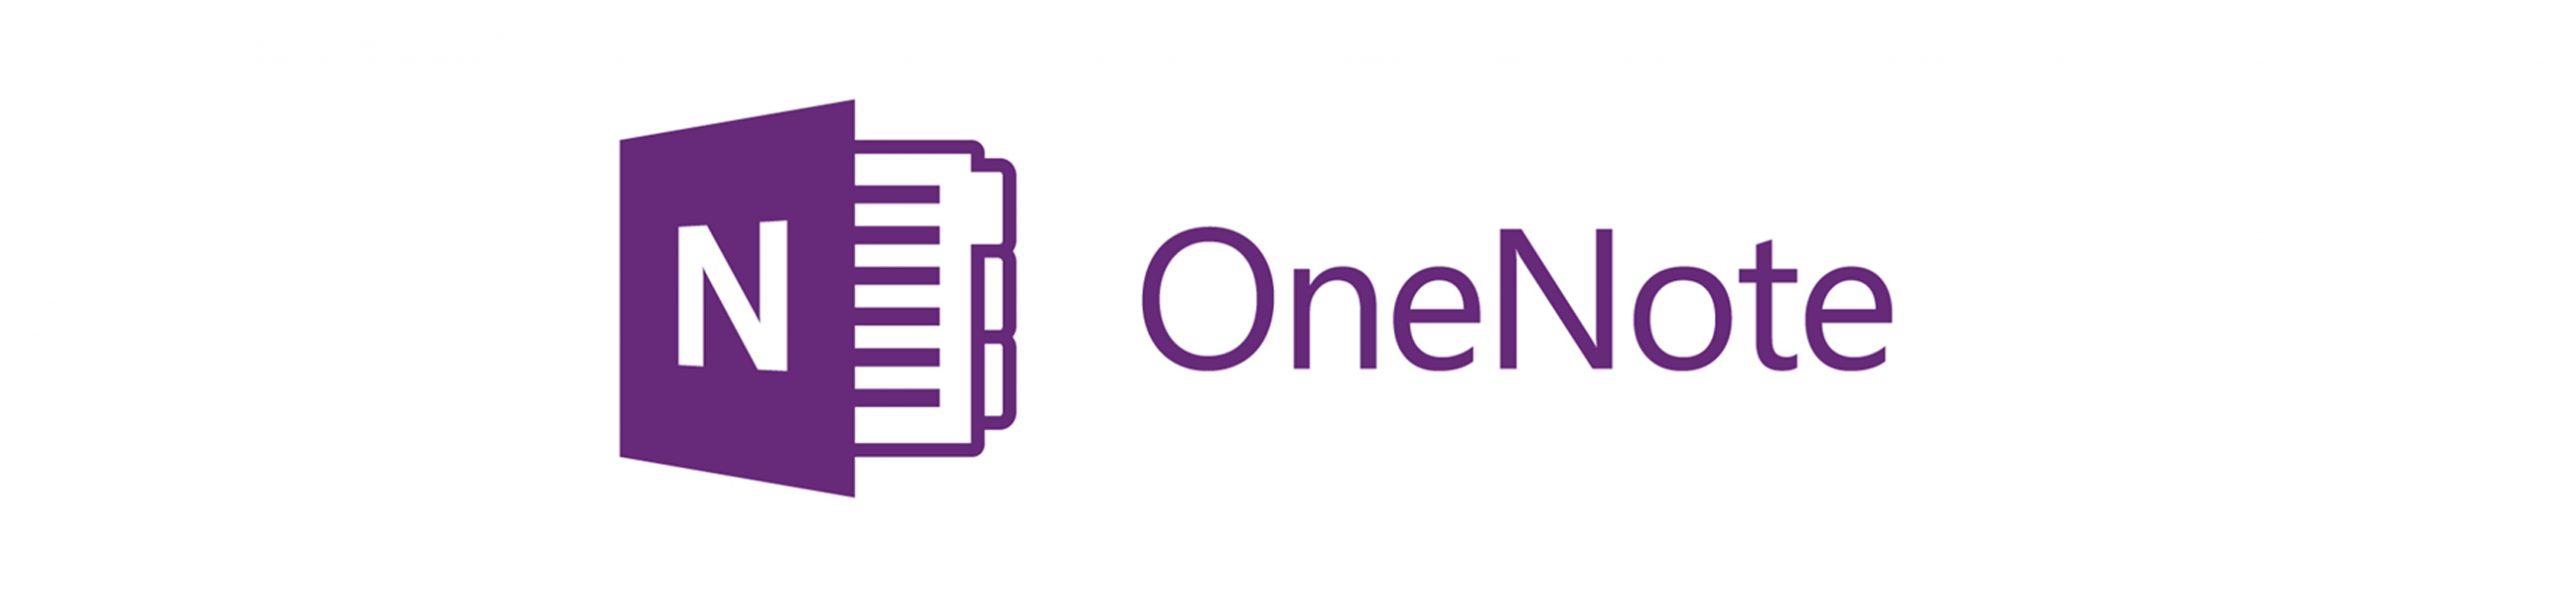 Ferramentas de gestão empresarial: OneNote